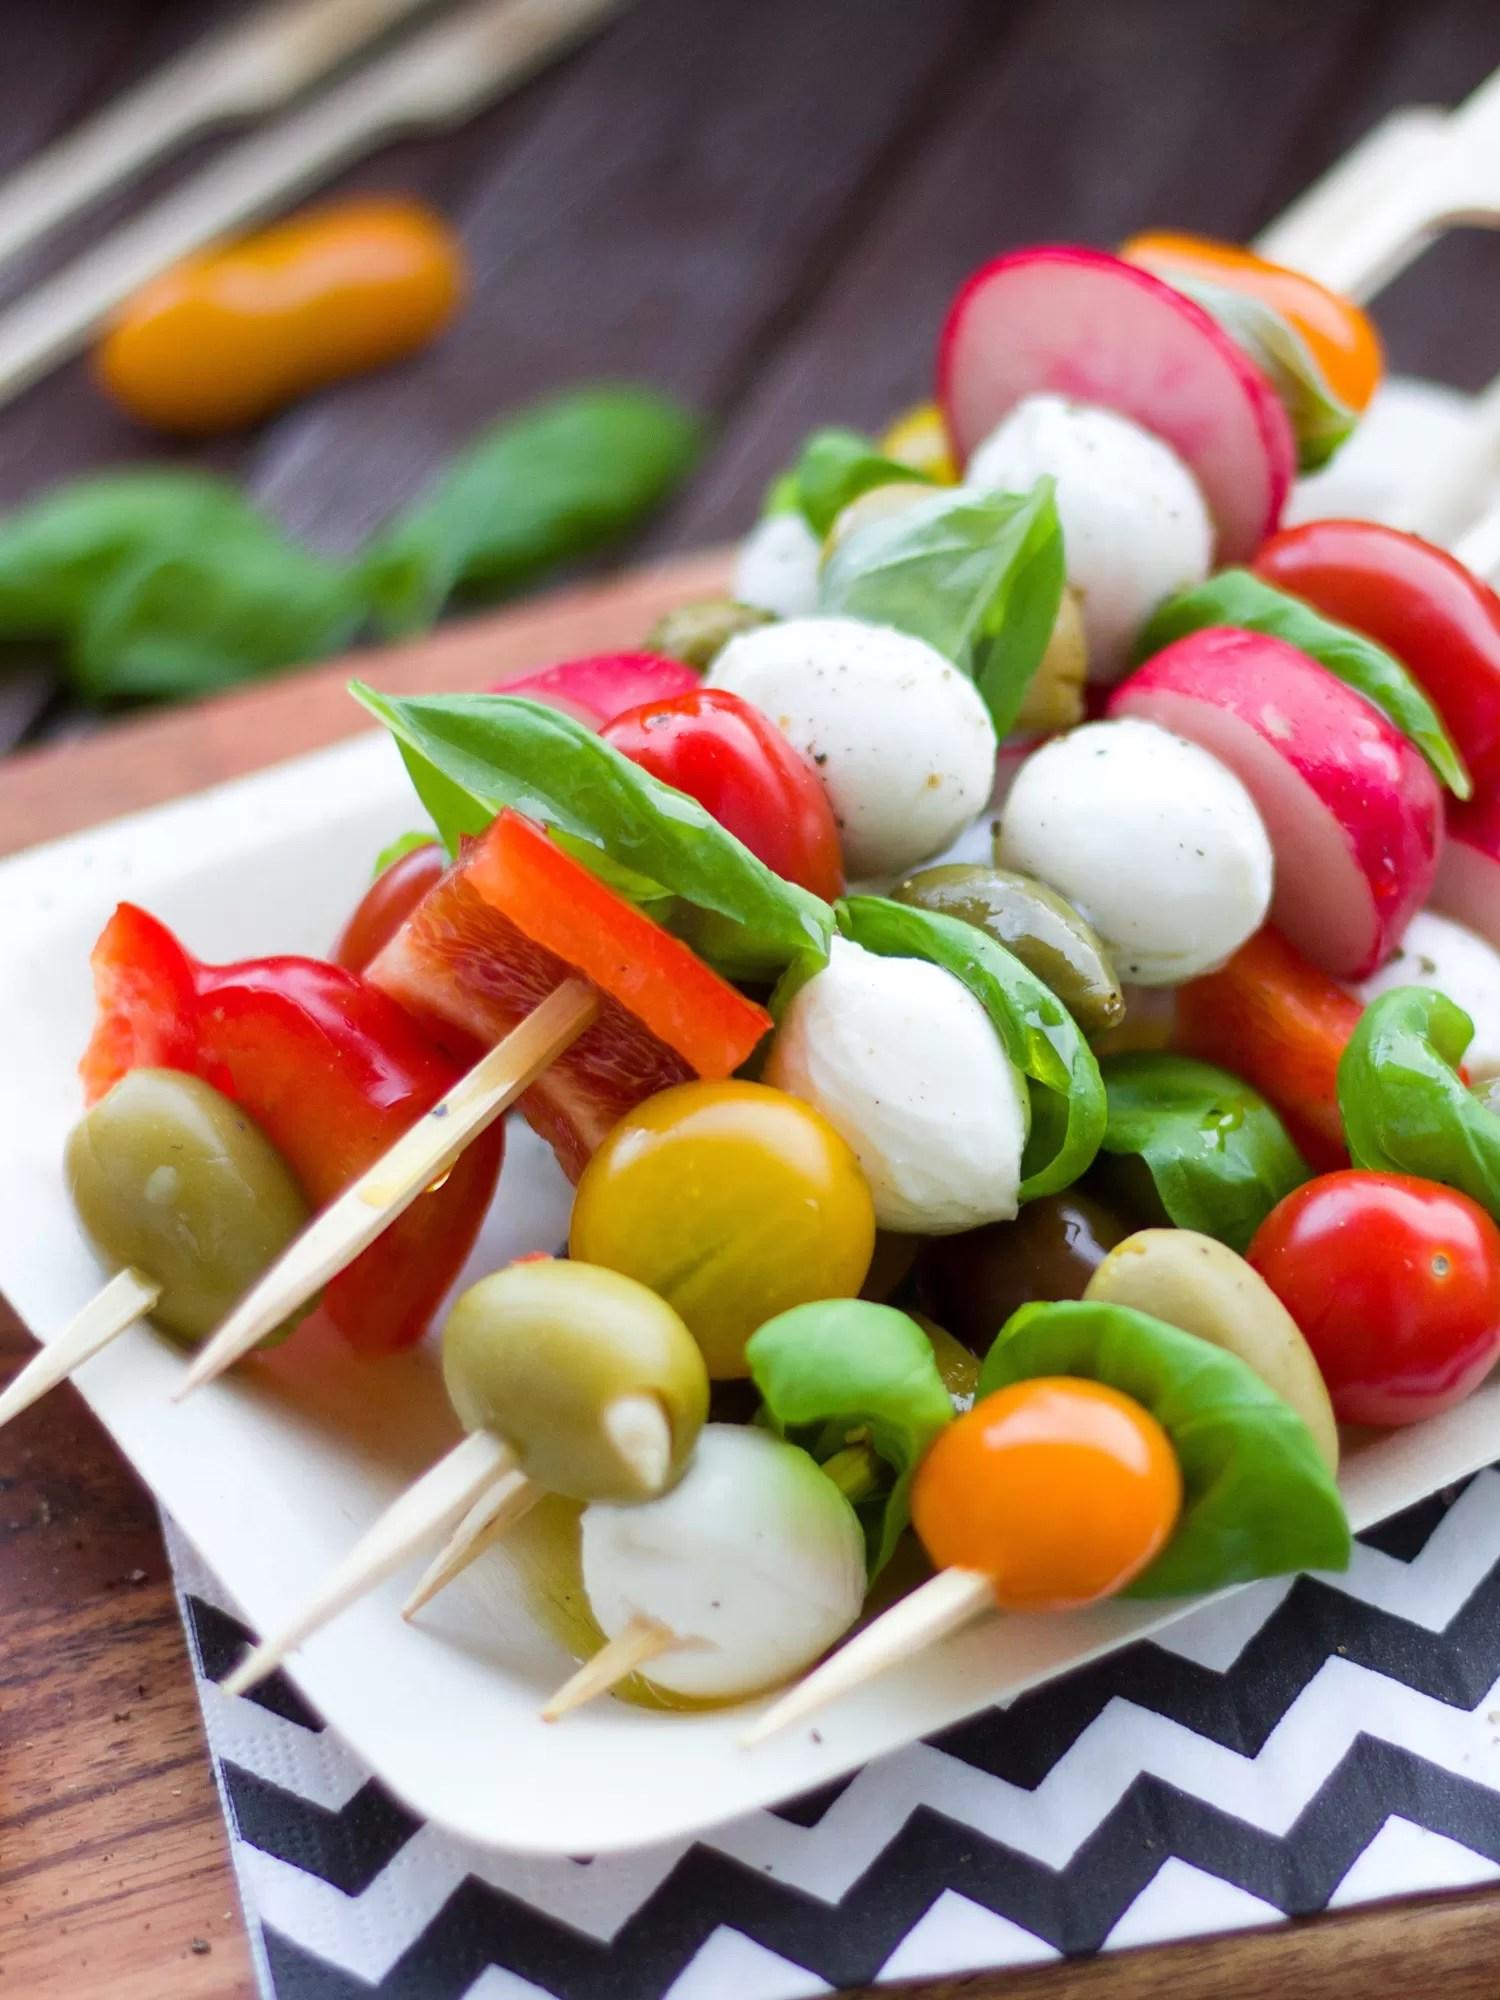 finger food da abbinare al prosecco extra dry dersut - spiedini di verdure e mozzarella